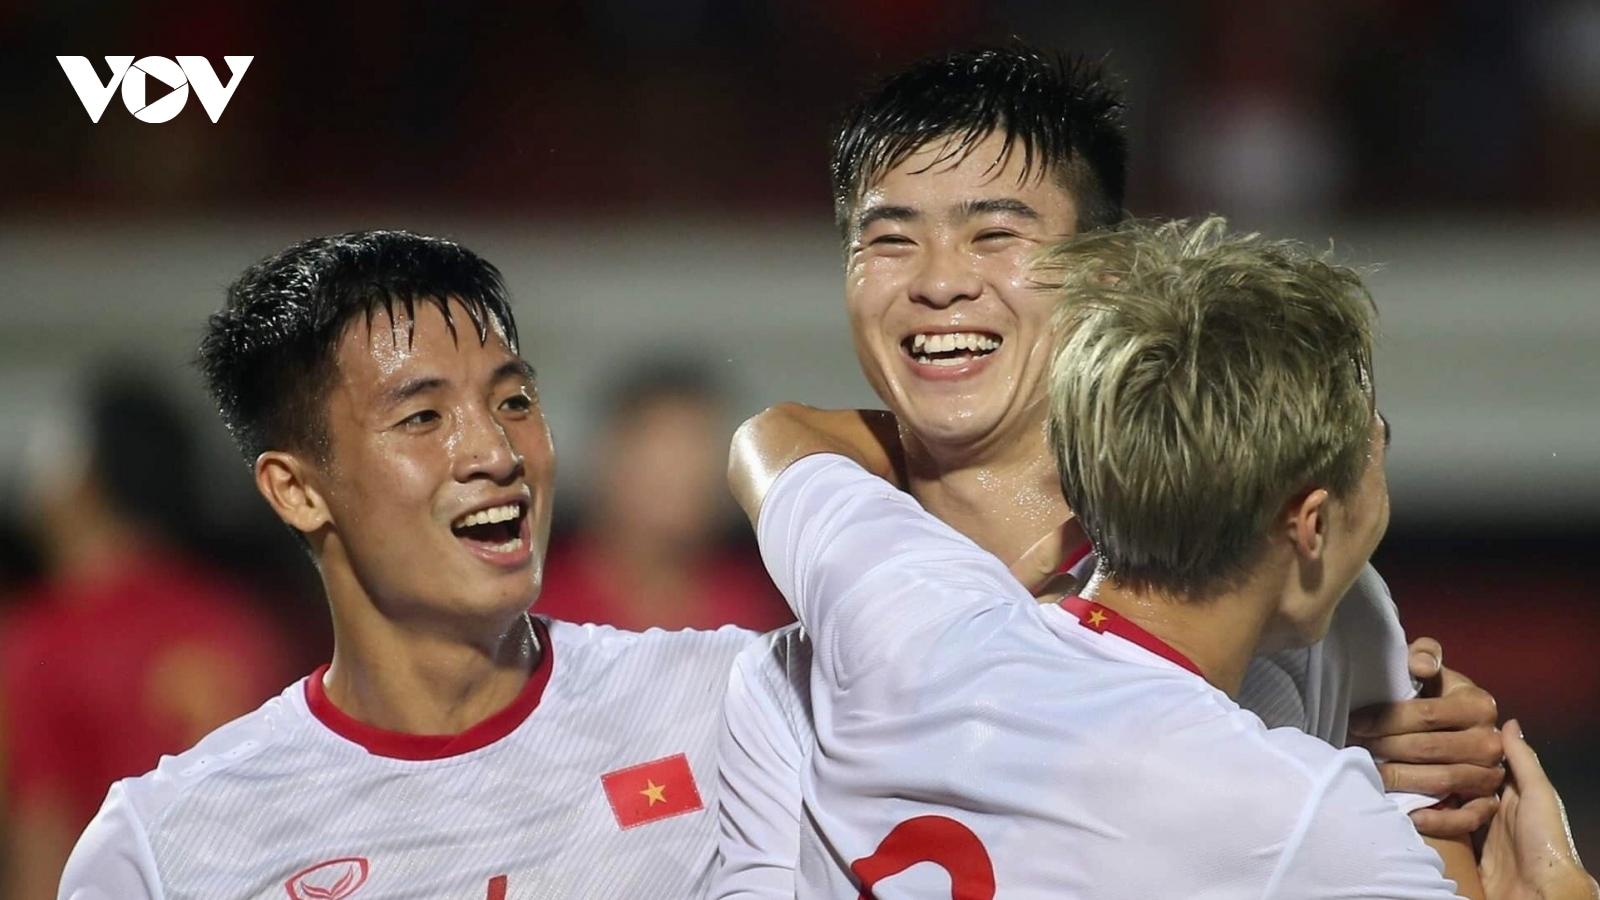 Vòng loại World Cup 2022: ĐT Việt Nam sẽ thắng đậm Indonesia?